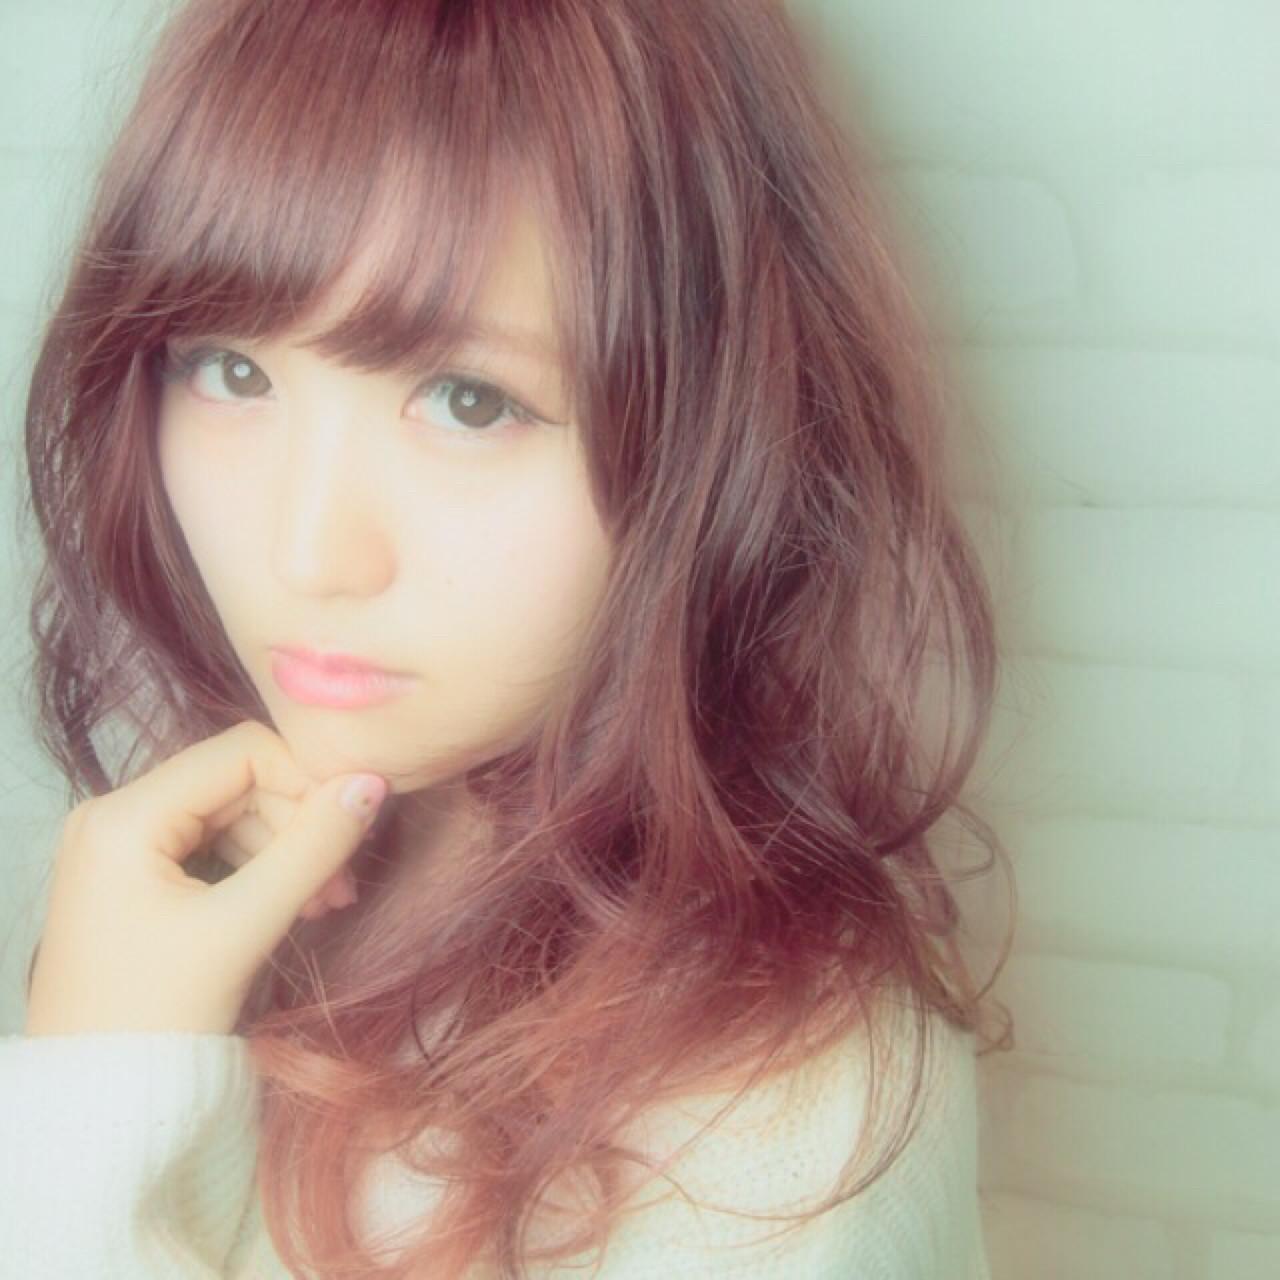 かわいい♡色っぽい♡ピンクブラウンは女子にいいことづくしなヘアカラー♪ 小倉 翔太/Lien  ヘアサロン Lien